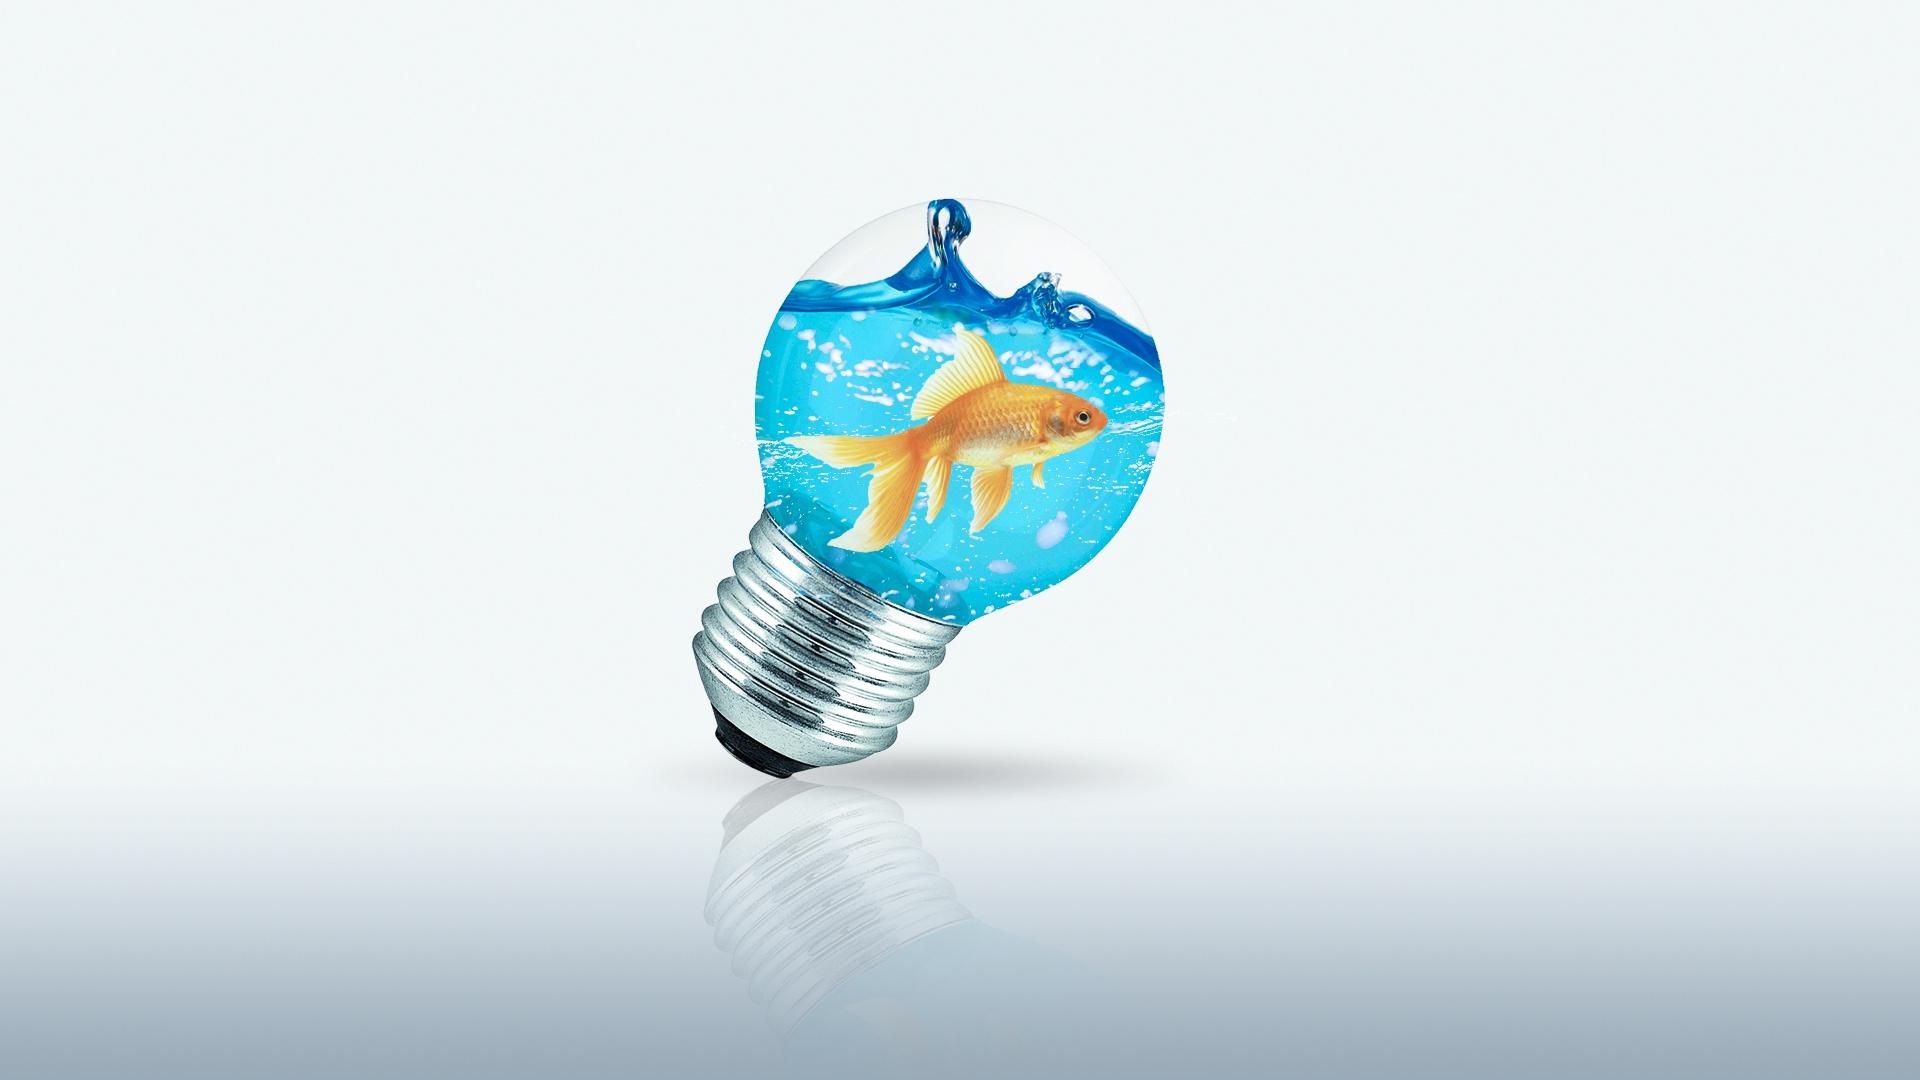 Картинки Рыбы Лампочка Креатив воде лампа накаливания креативные оригинальные Вода